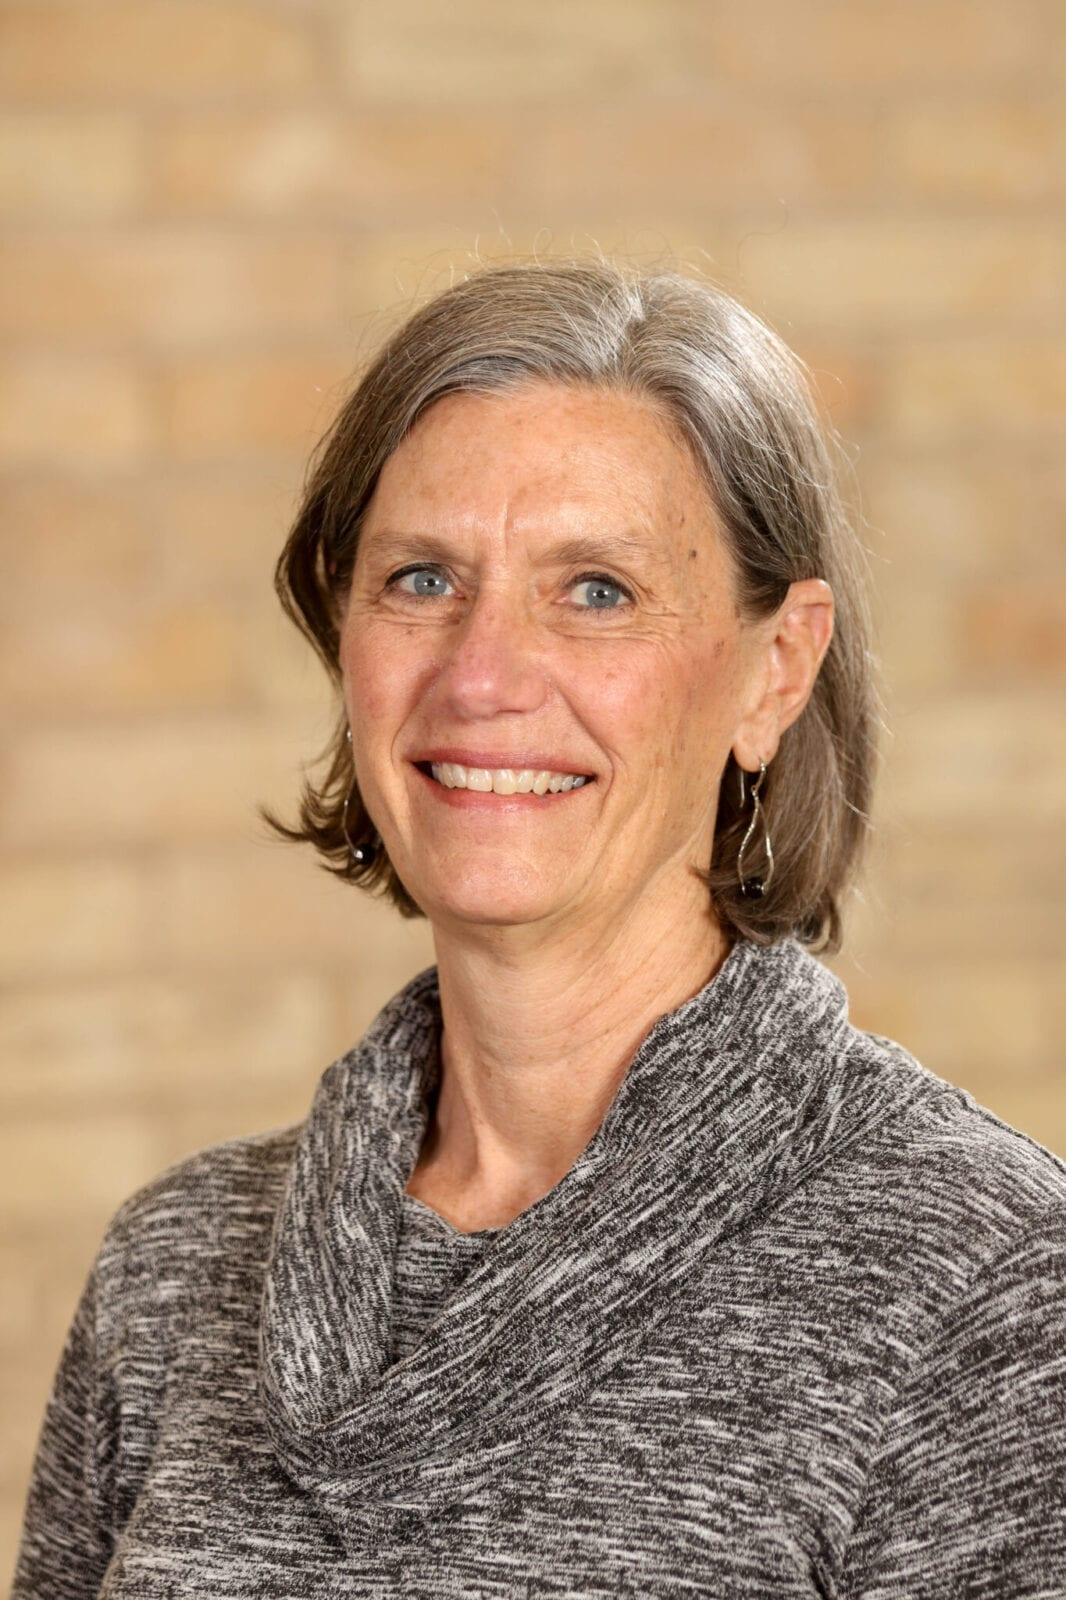 Mary Kline